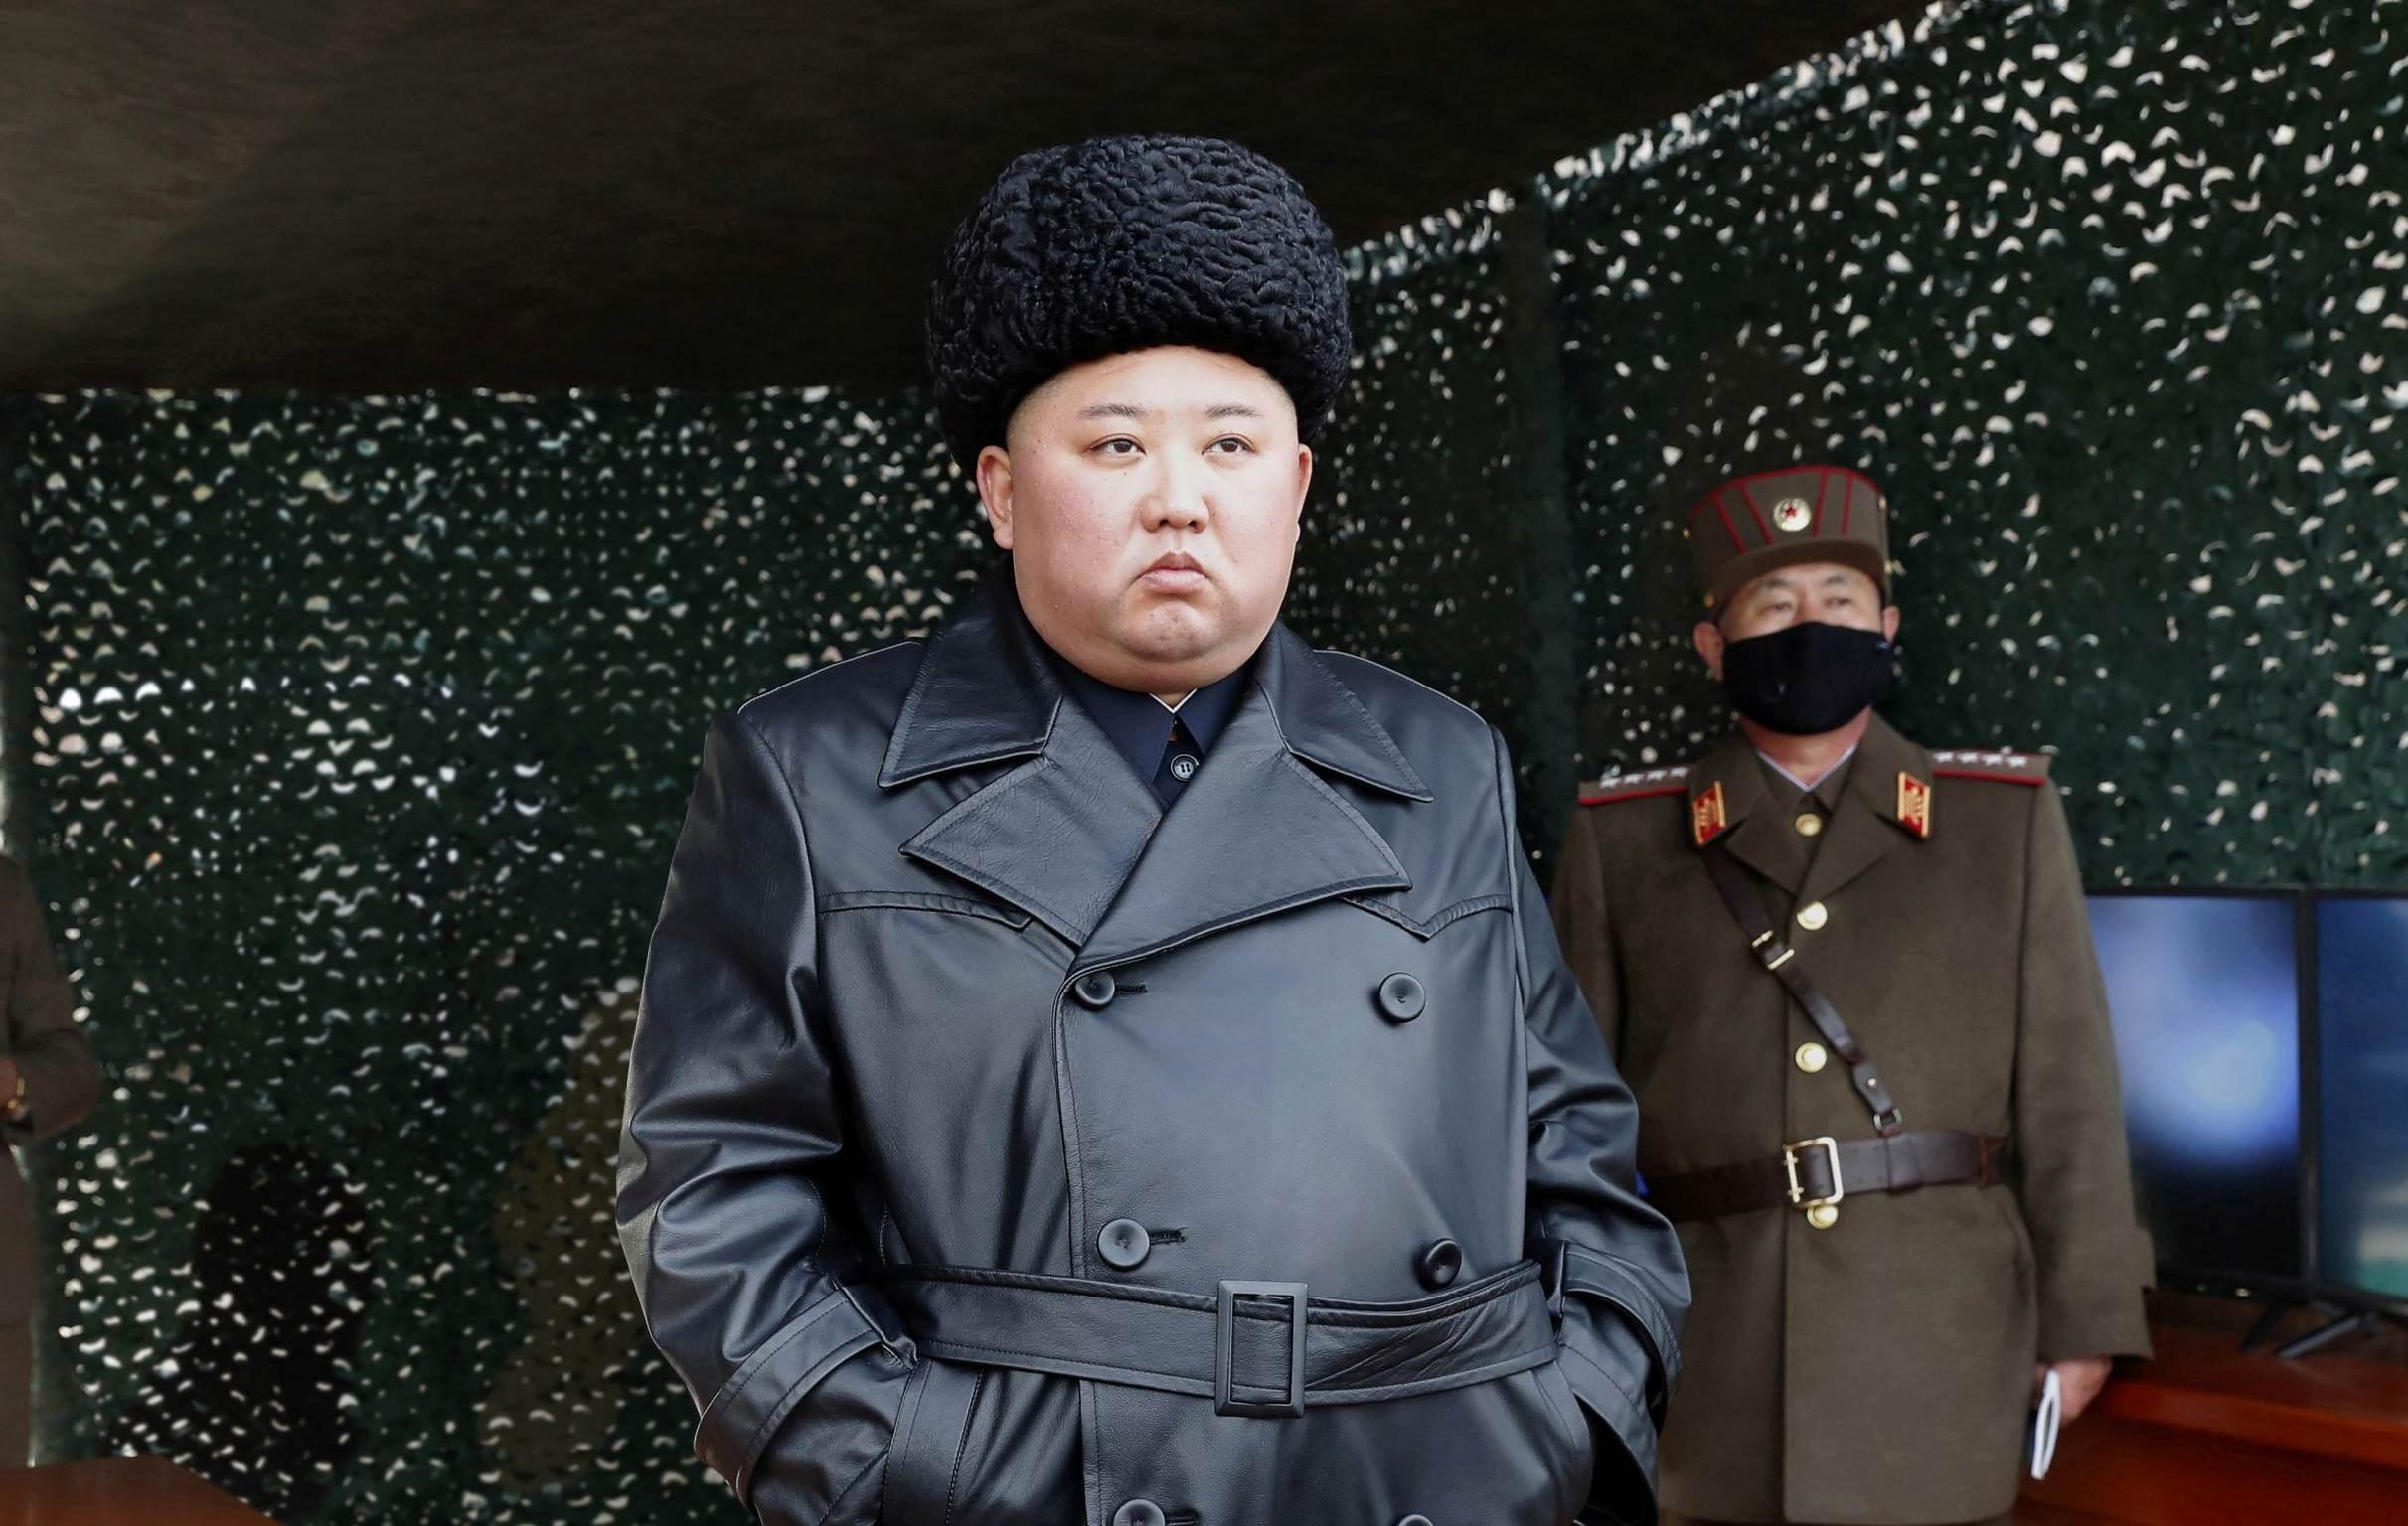 كيم جونغ أون يقدم اعتذاراً نادراً بشأن عملية قتل مواطن كوري جنوبي في البحر